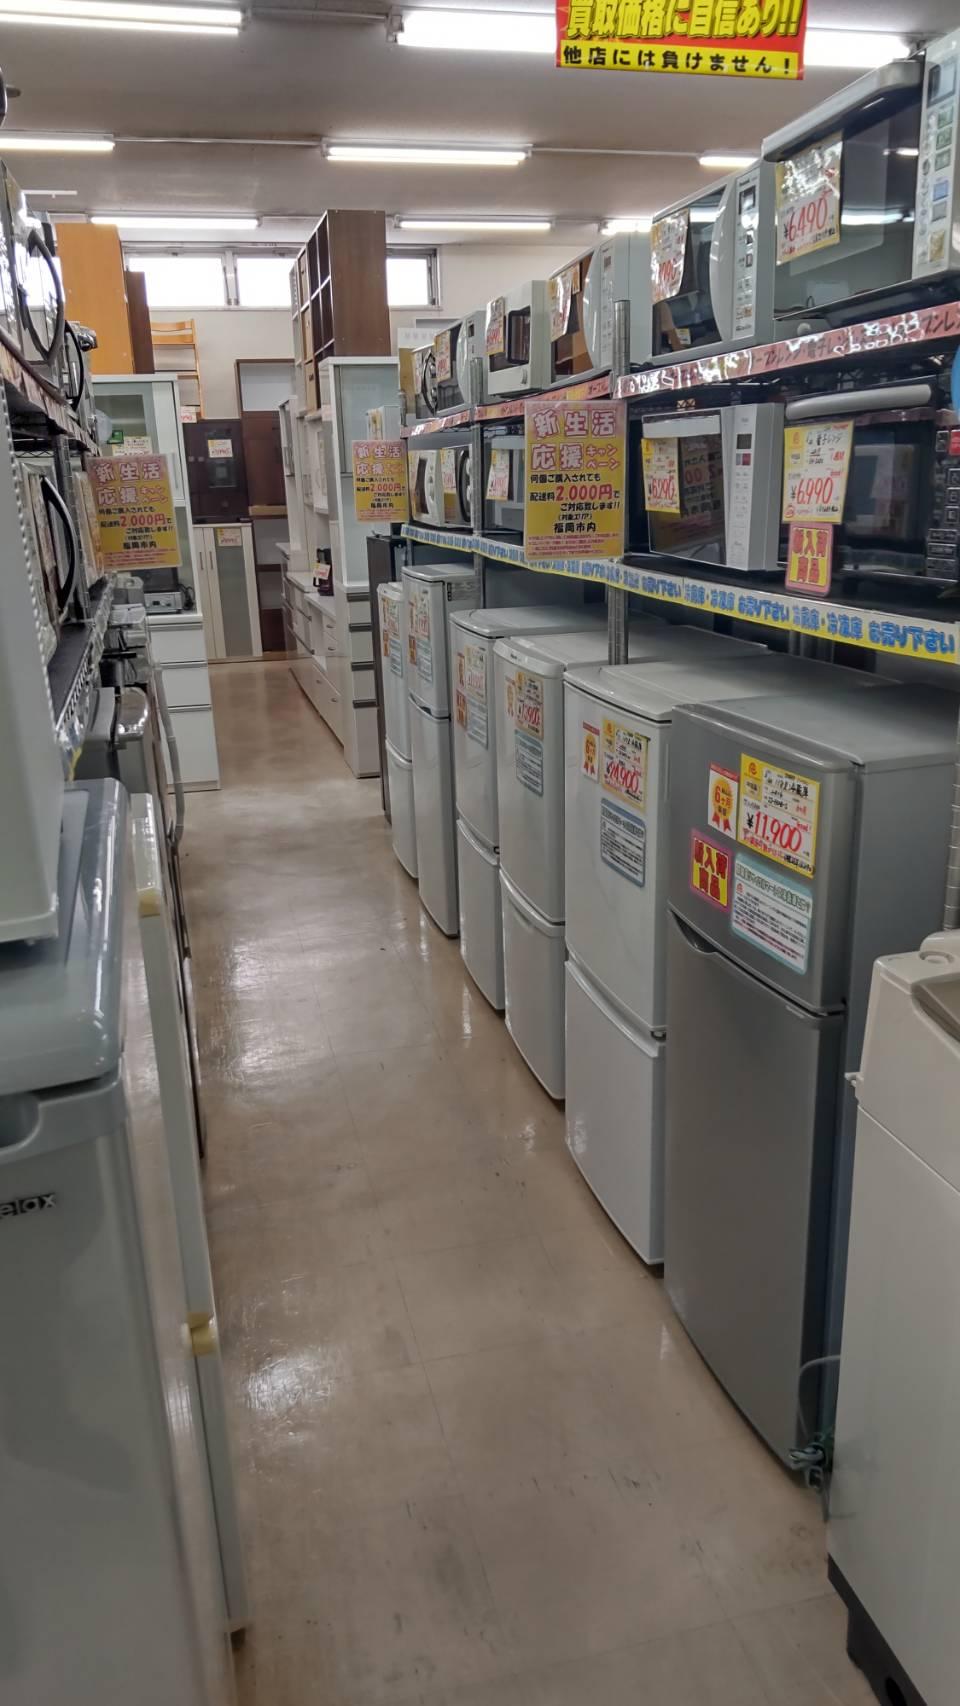 新生活応援キャンペーン実施中♪冷蔵庫・洗濯機・電子レンジなど在庫まだまだ御座います!!